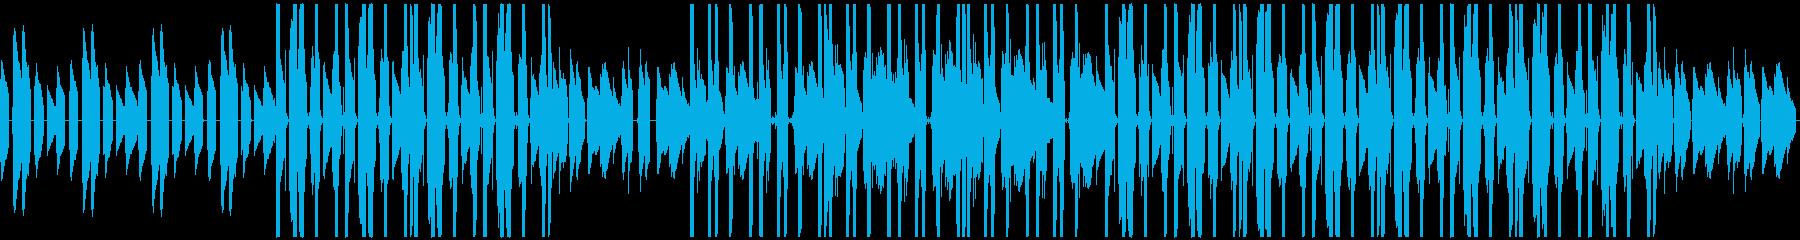 エレピ Lo-fi HipHop2の再生済みの波形